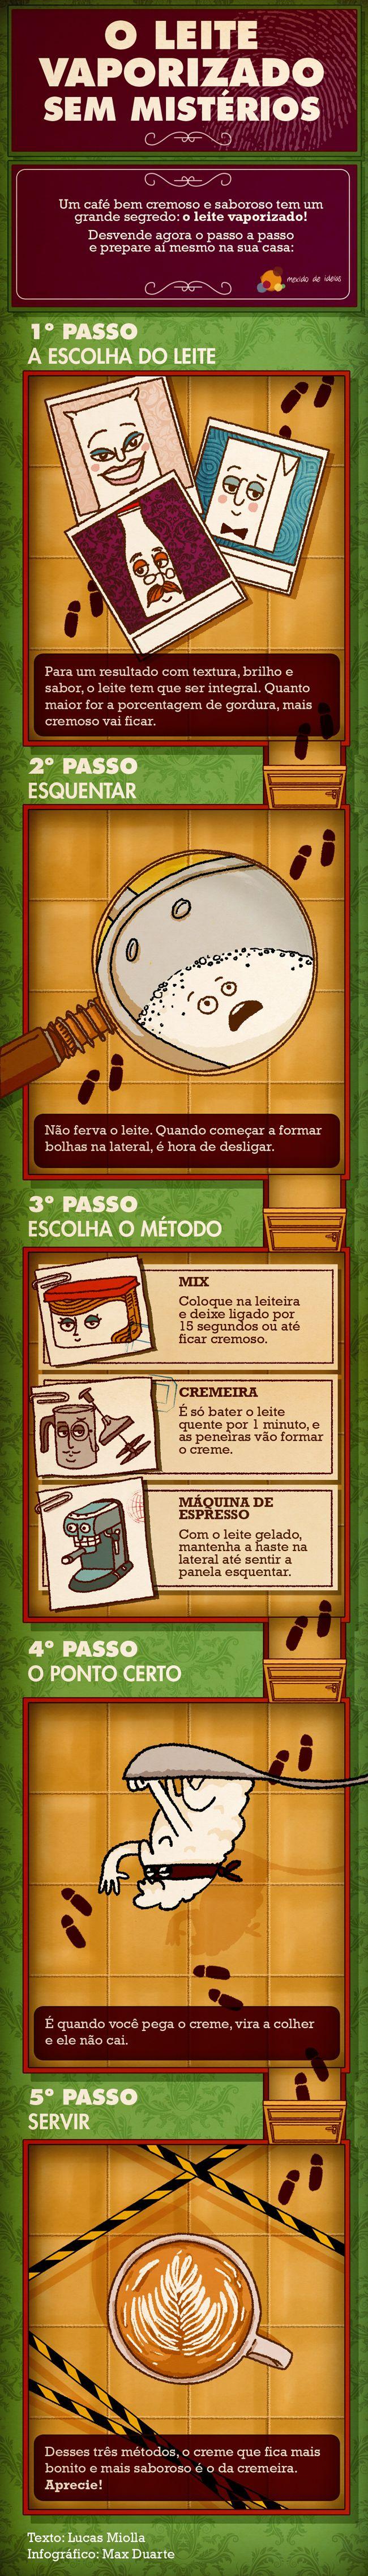 Siga o passo a passo, desvende os segredos do leite vaporizado e prepare essa delícia para incrementar seu café em qualquer lugar.